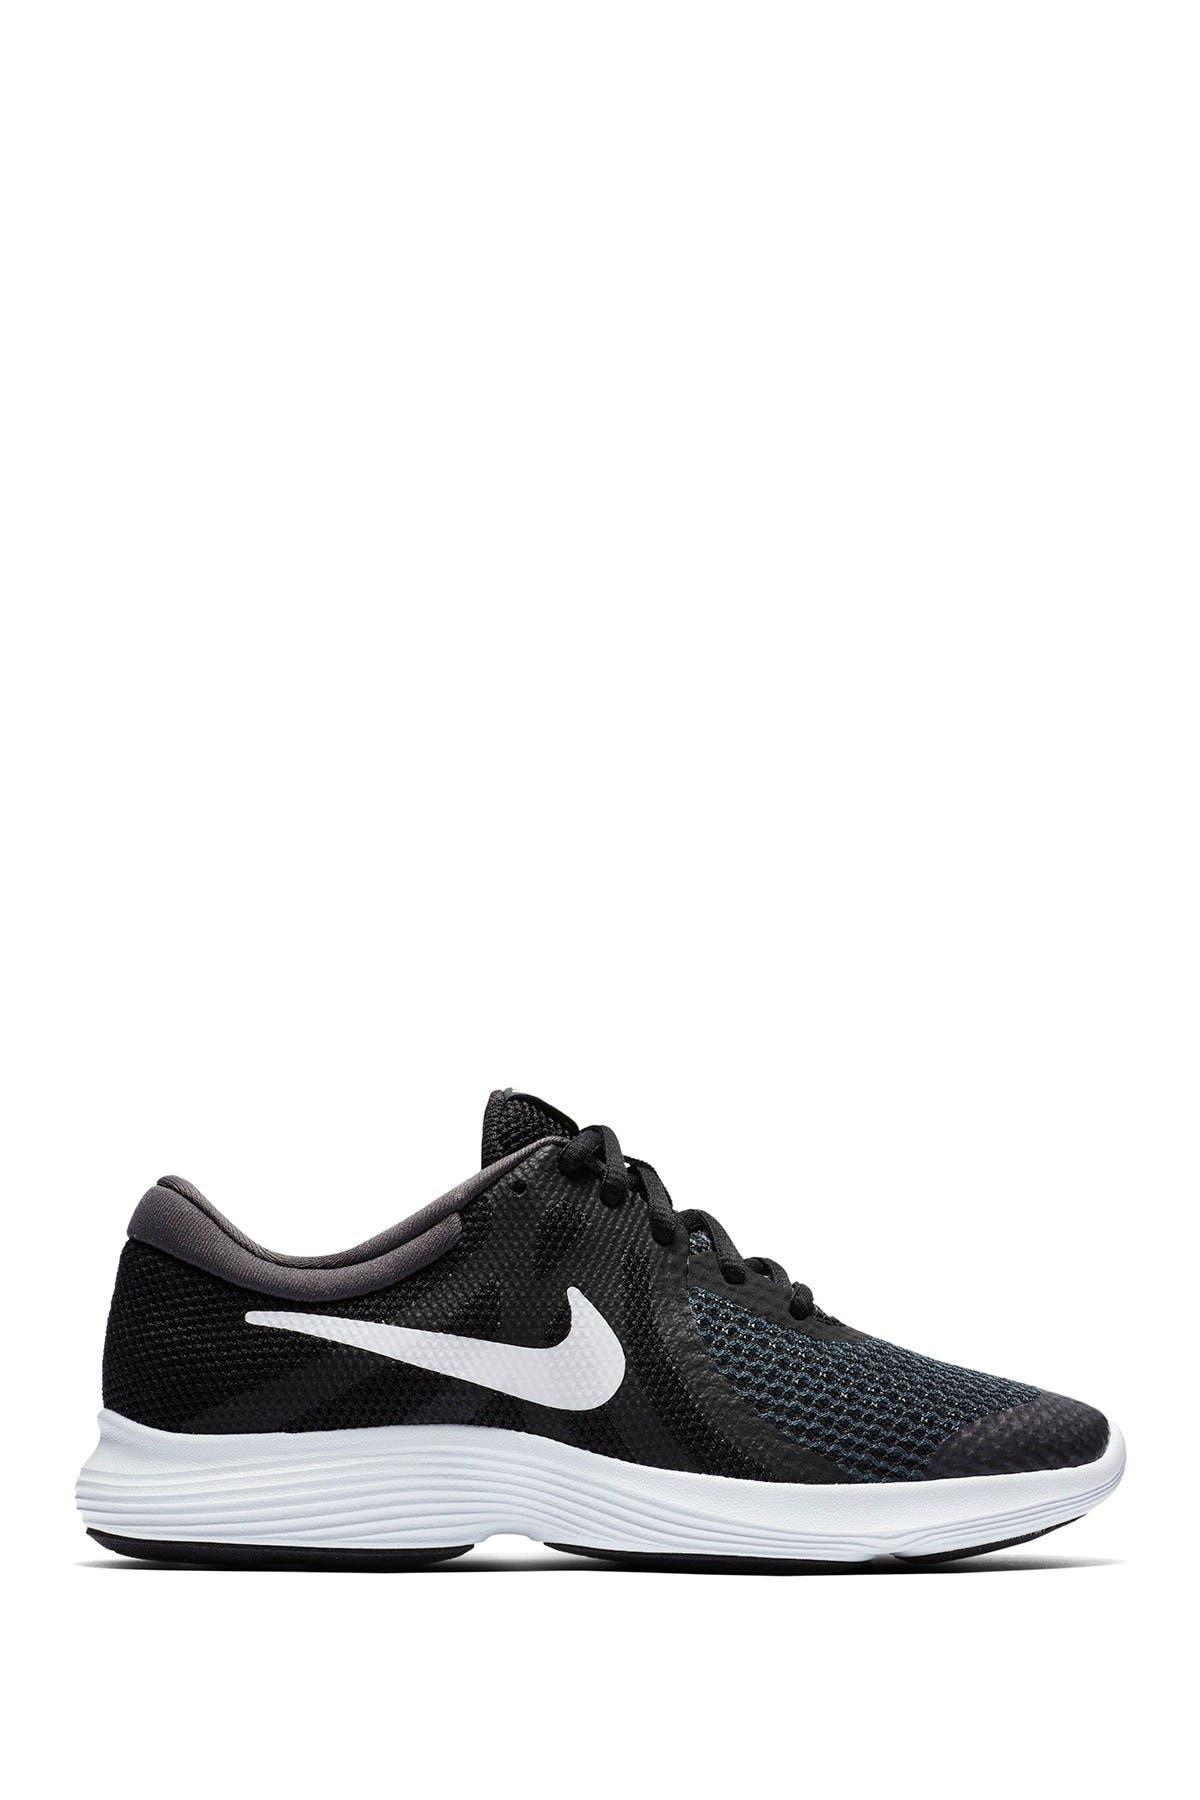 Nike | Revolution 4 Running Sneaker